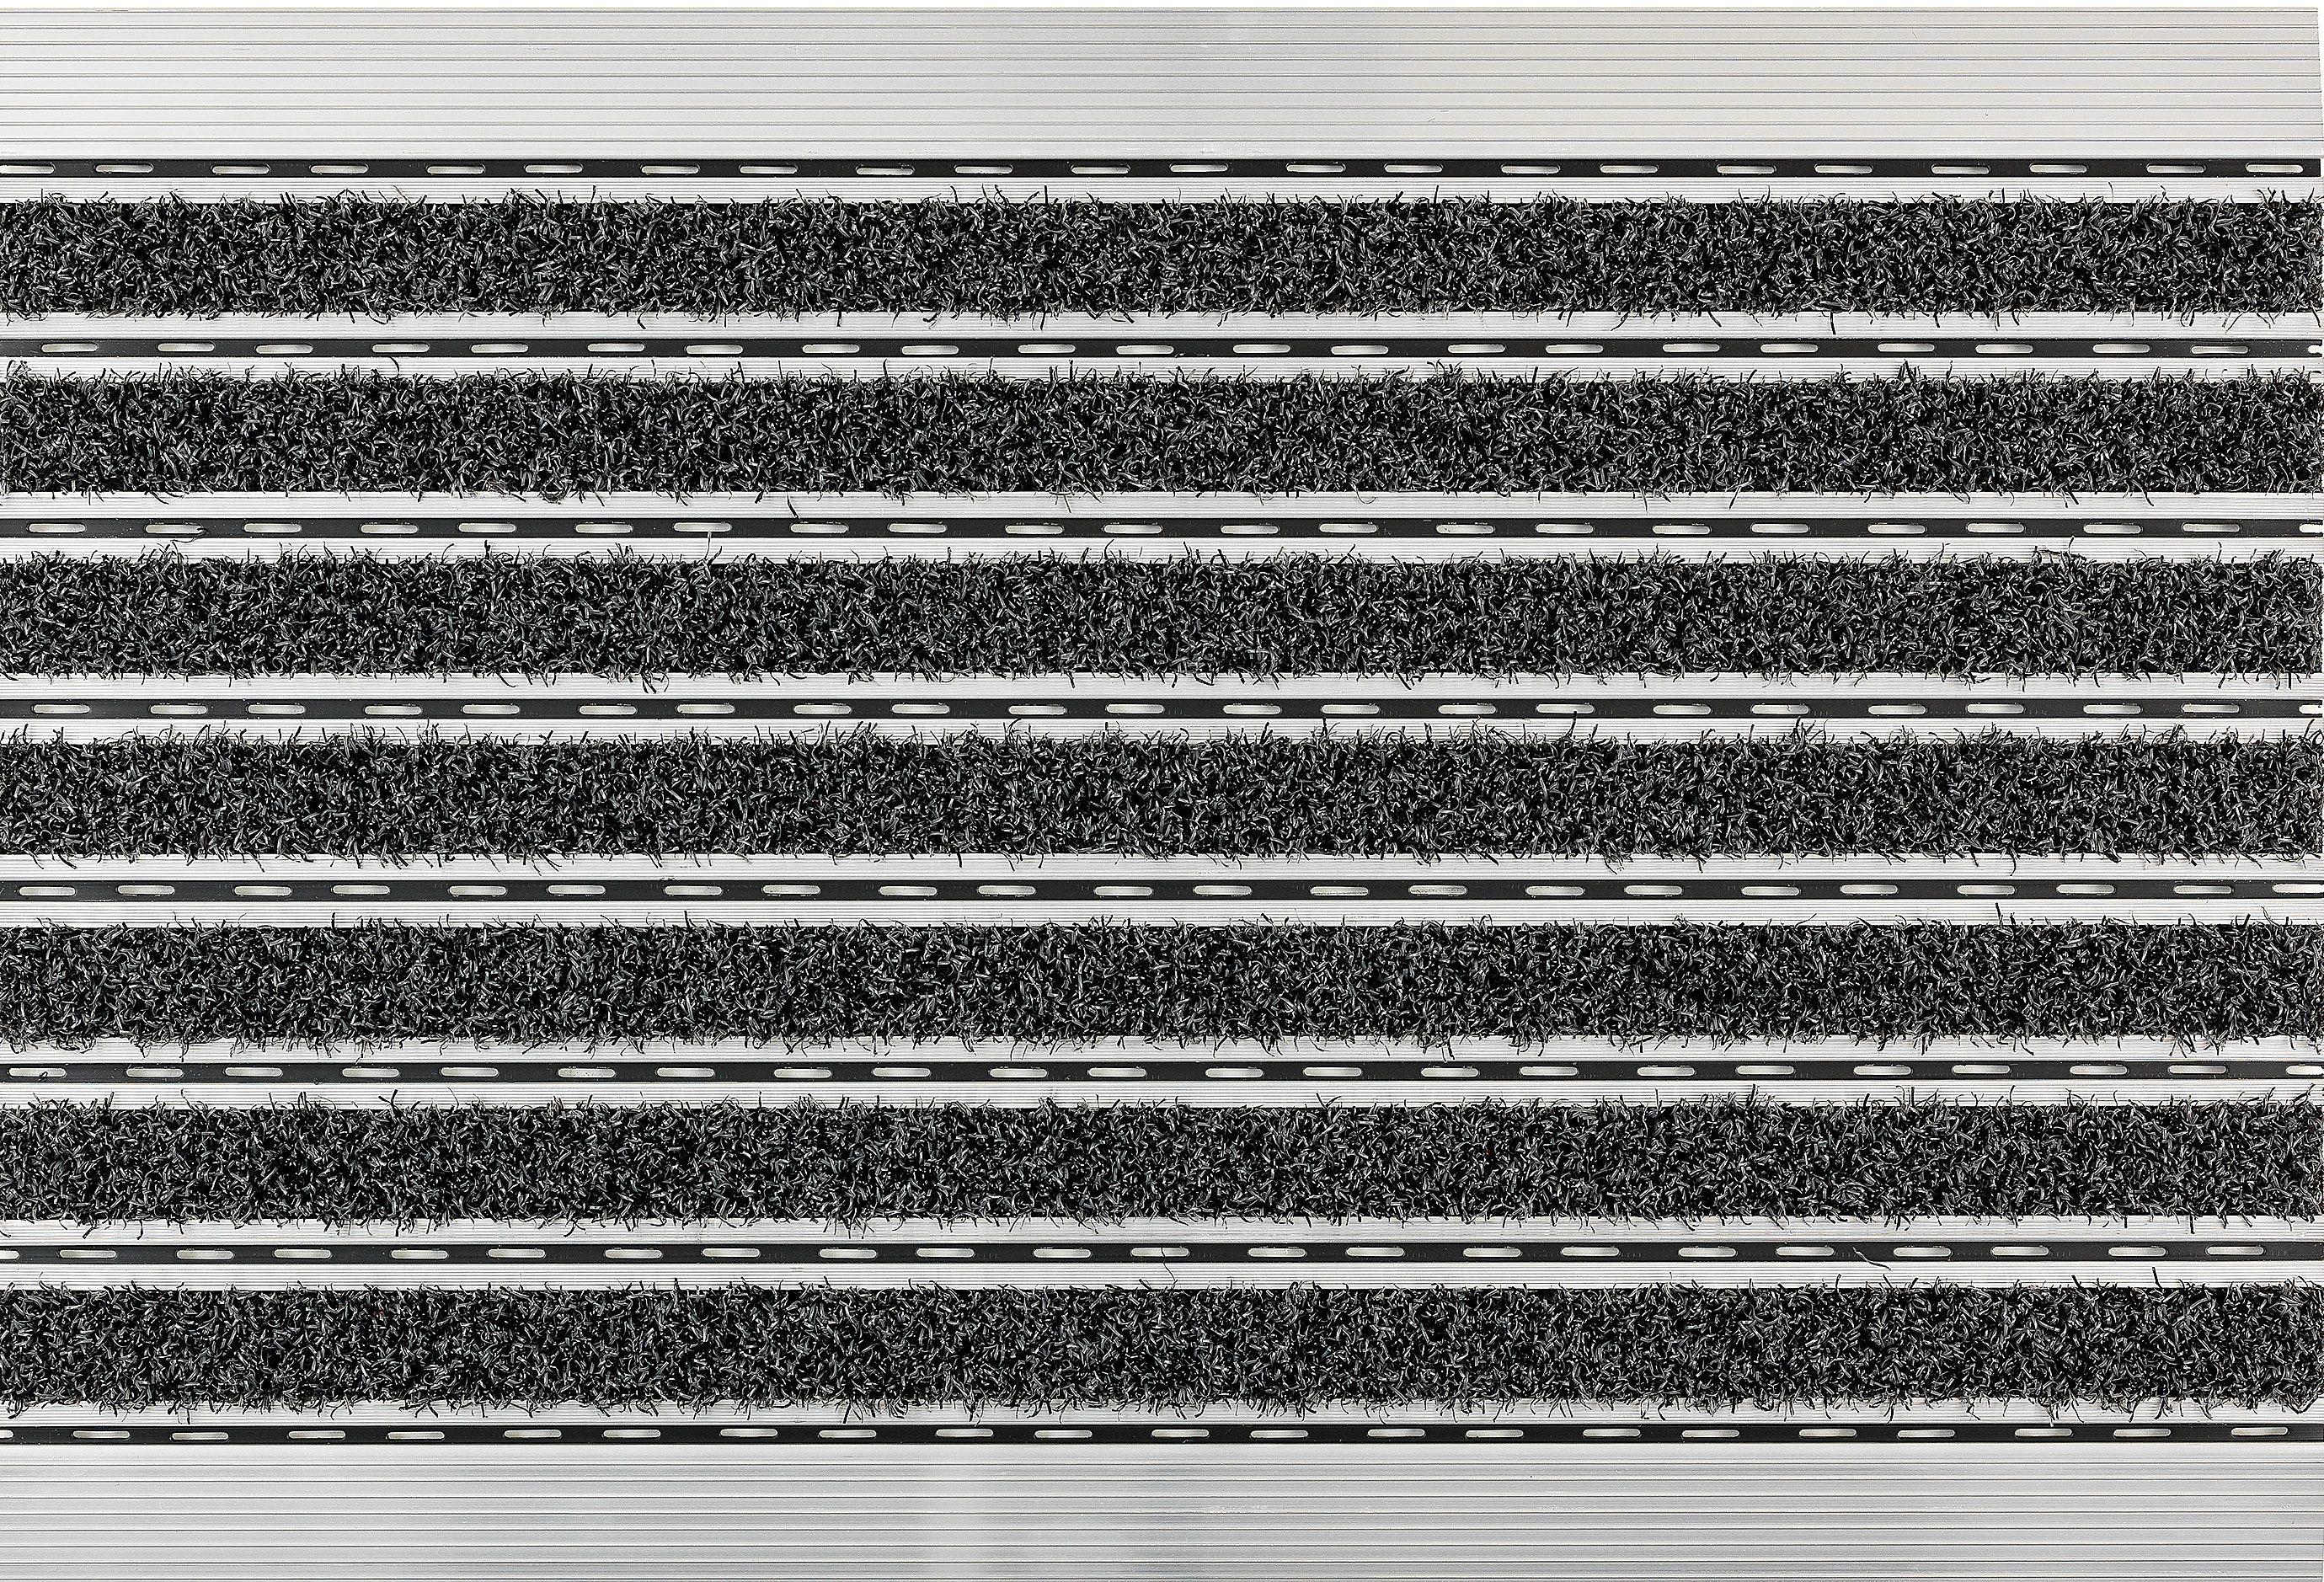 Fußmatte »Scraper«, ASTRA, rechteckig, Höhe 10 mm, mit Aluminiumrahmen